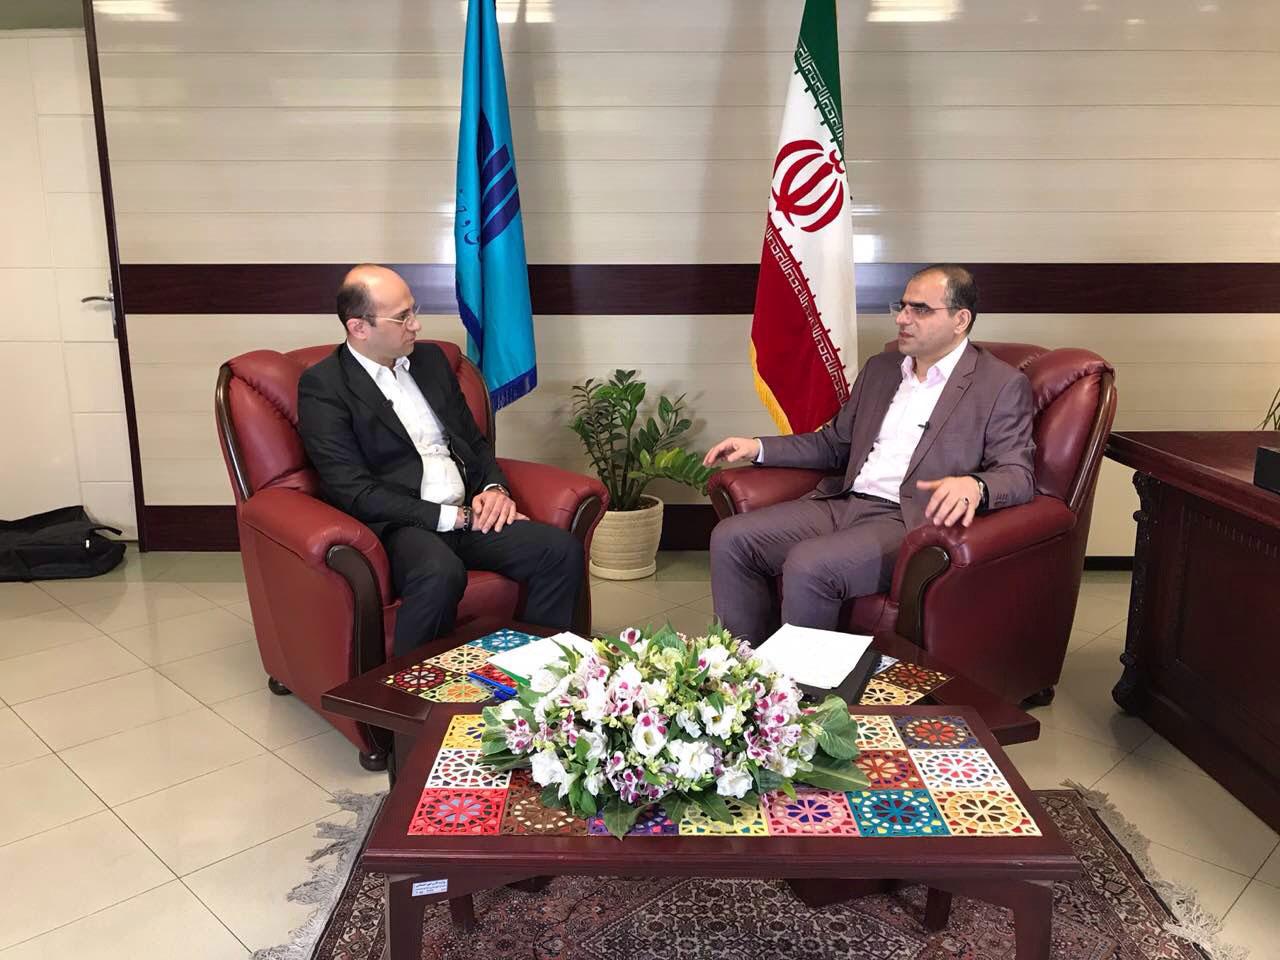 مصاحبه تلویزیون فن و مهارت با مدیرکل فنی وحرفه ای استان تهران